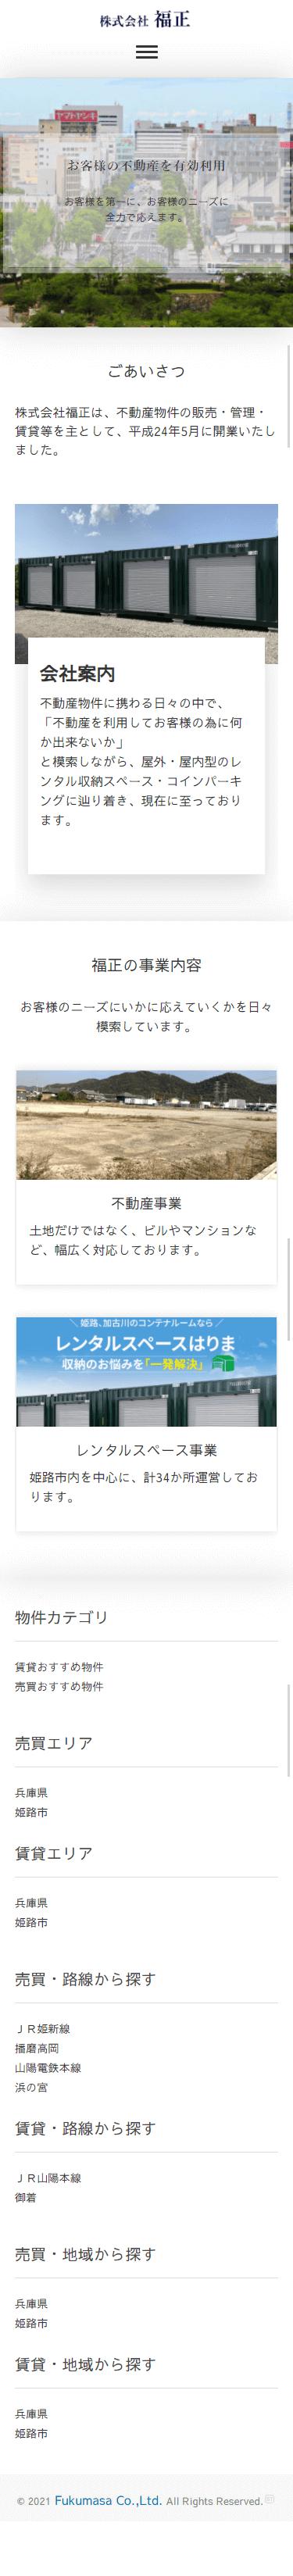 姫路市 株式会社福正 ホームページ制作3